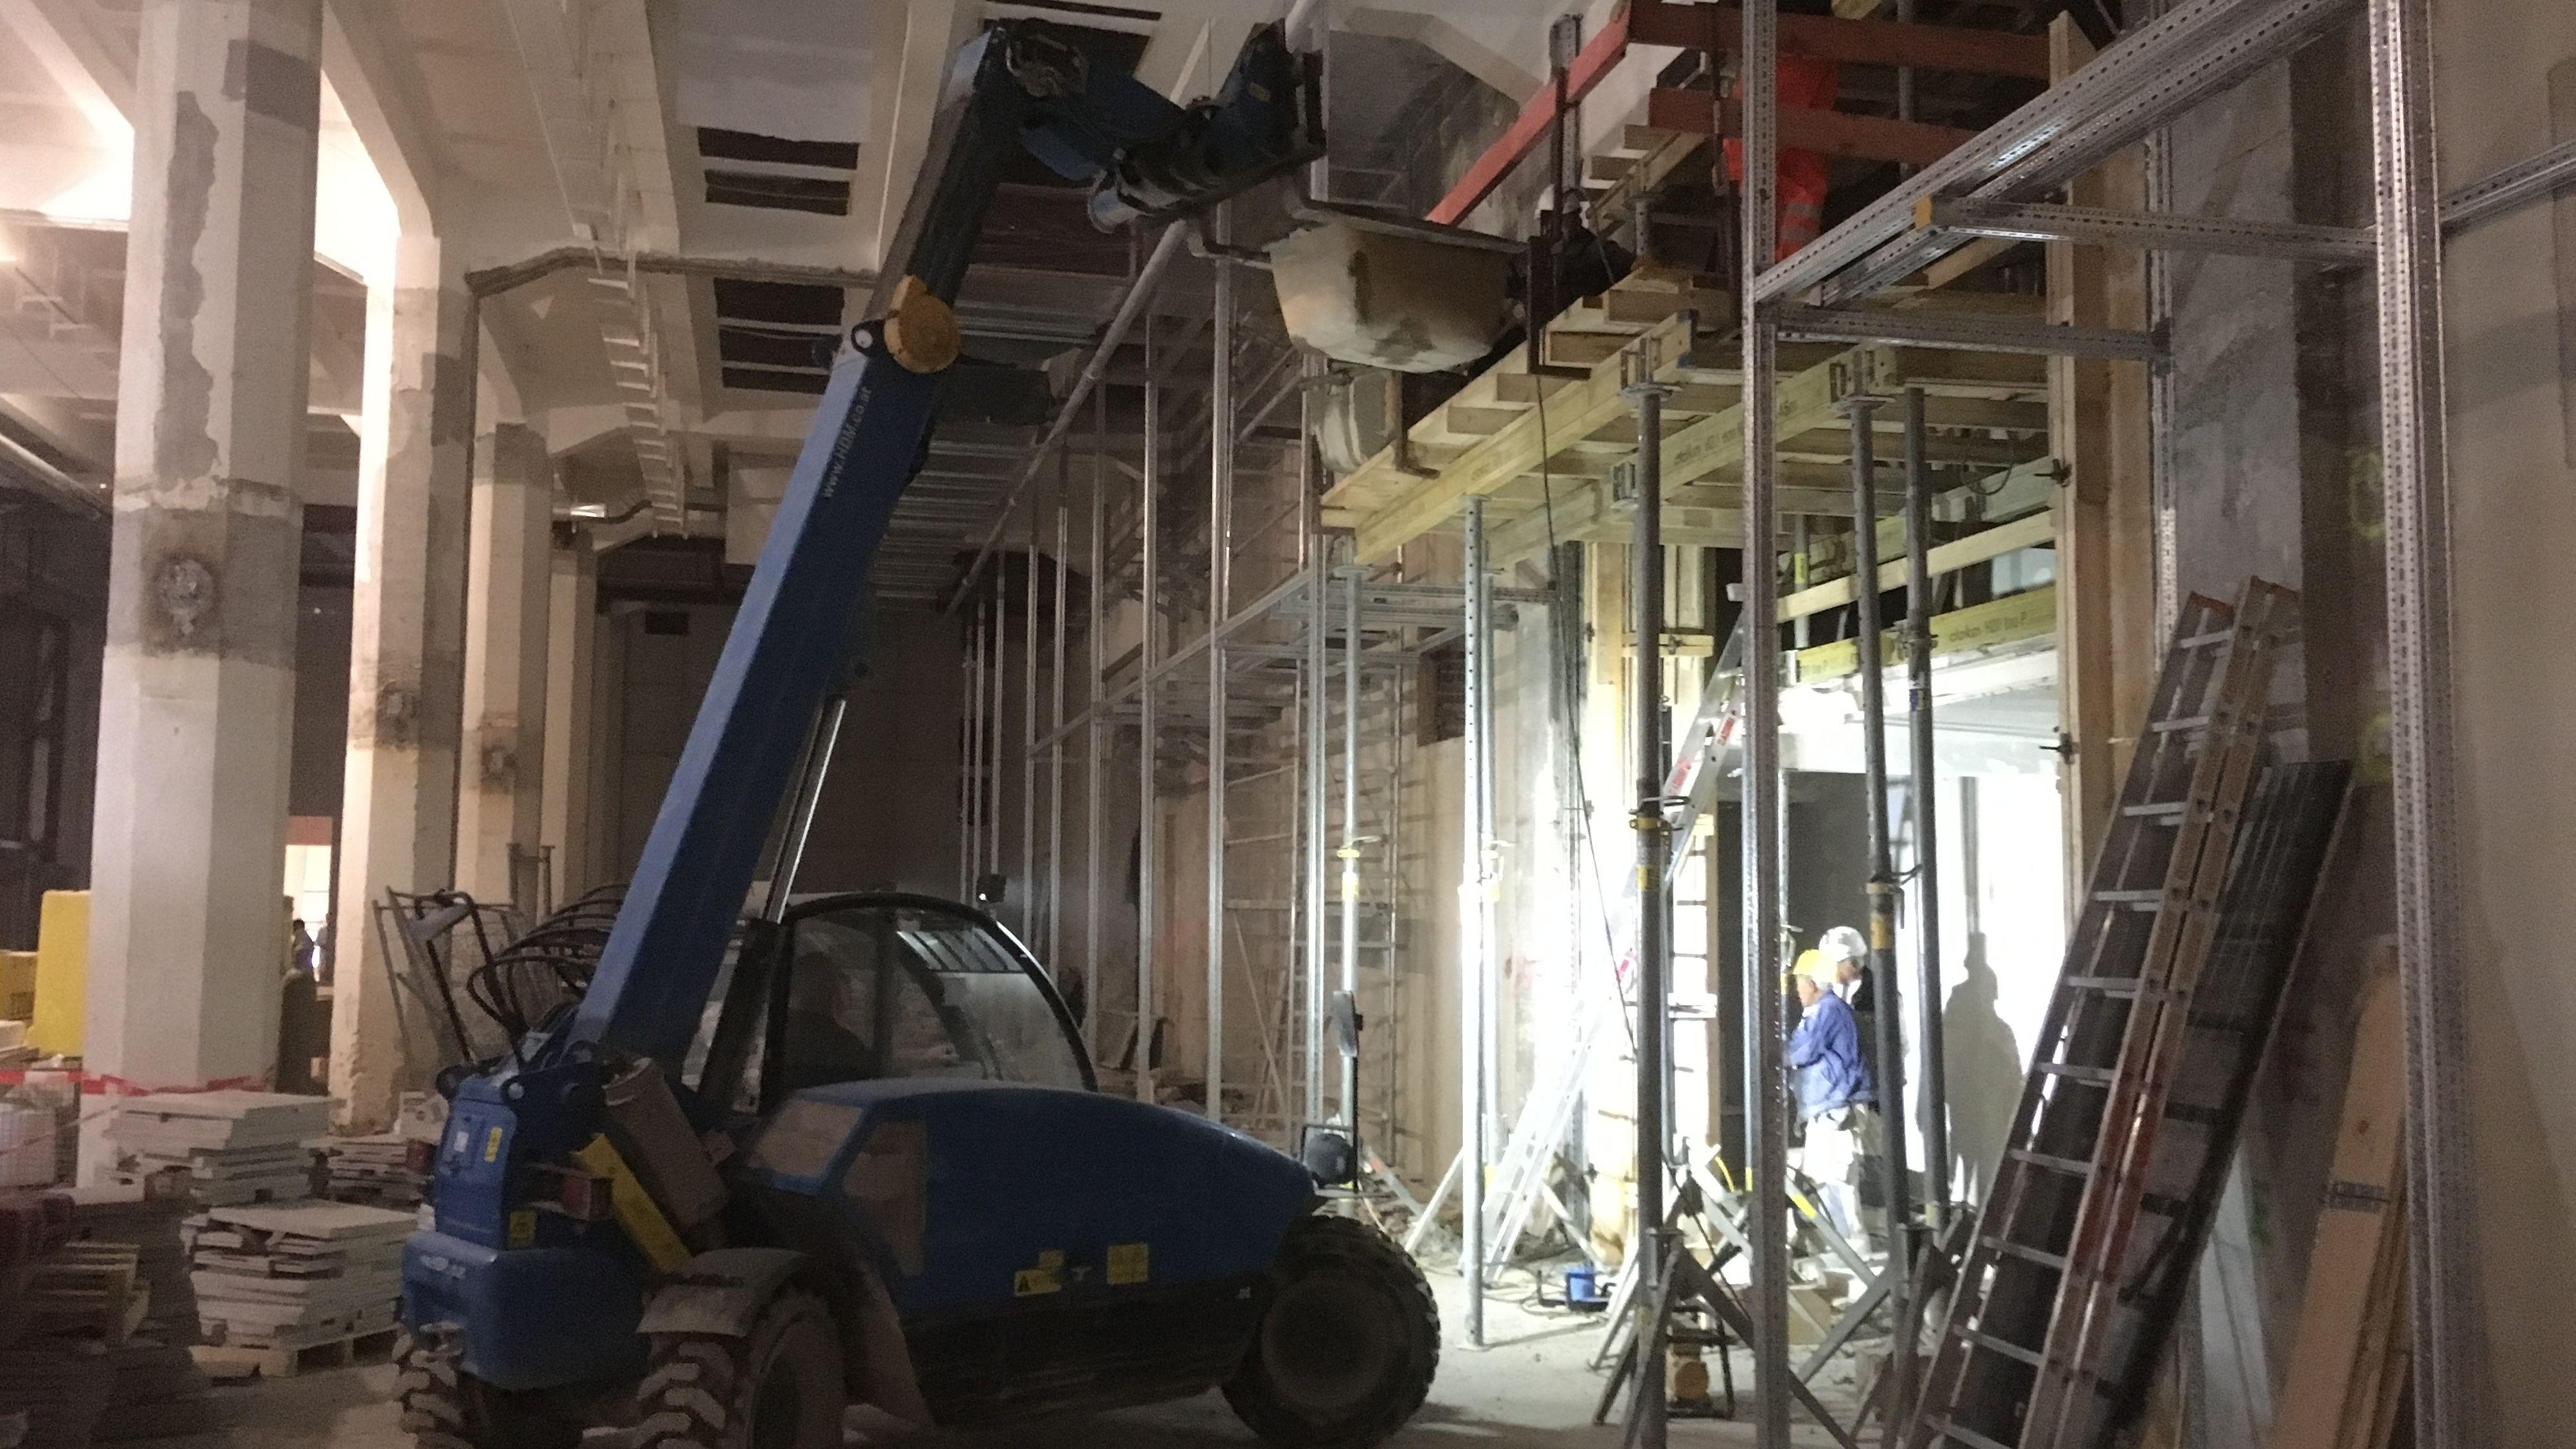 Wände werden eingerissen und neu eingezogen. Hier liefert ein Hebekran eine Wanne mit flüssigem Beton an, der von den Arbeitern auf dem Gerüst von Hand in eine senkrechte Verschalung gekippt wird.